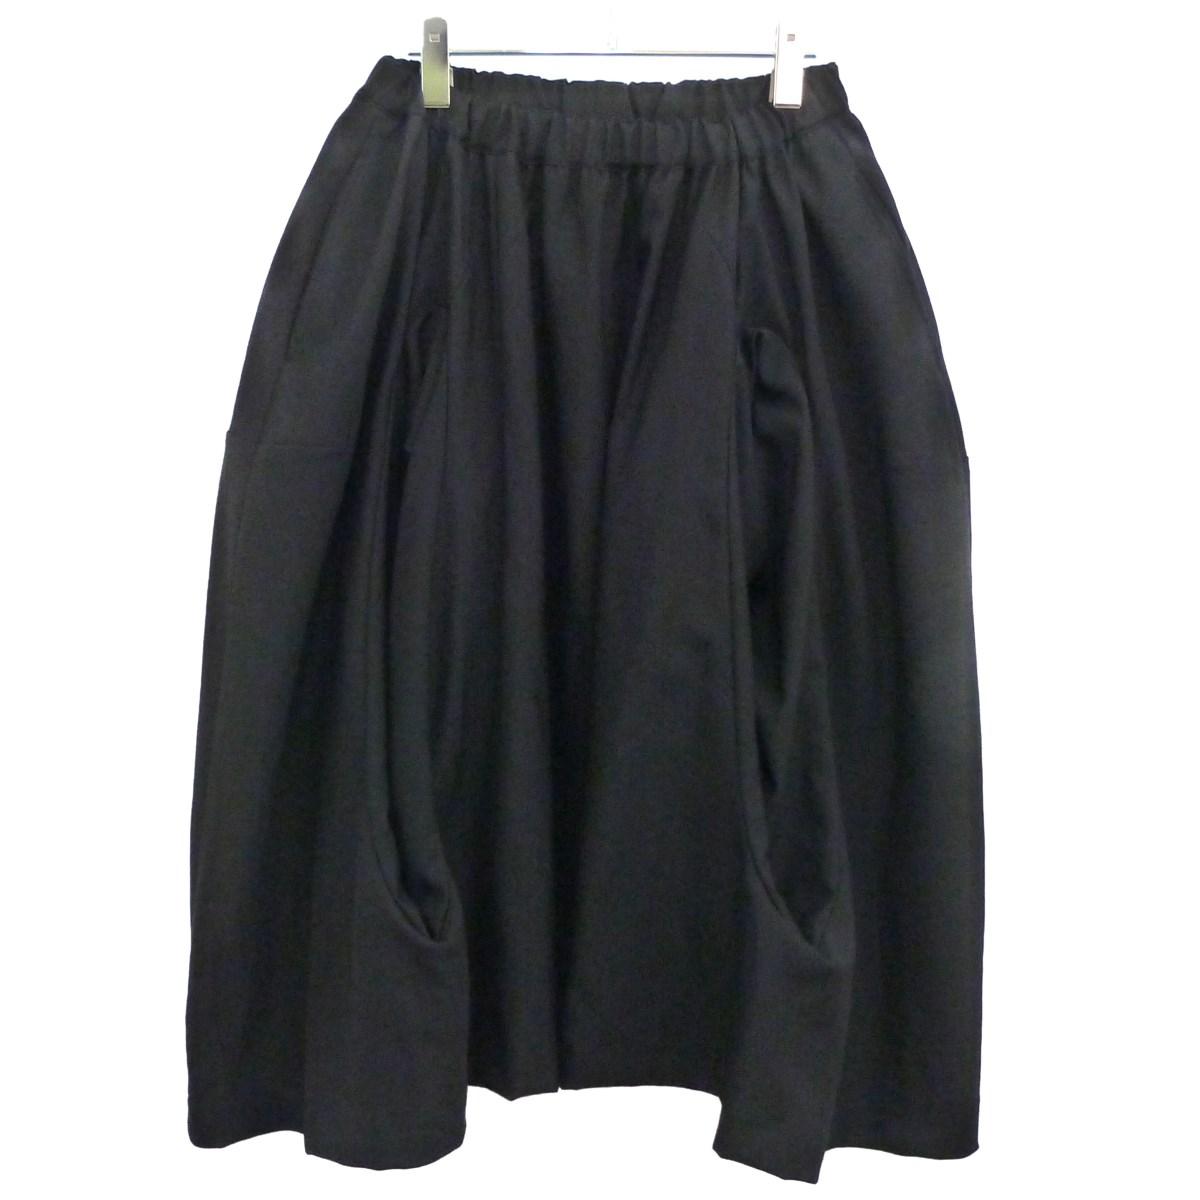 【中古】COMME des GARCONS COMME des GARCONS 18AWカシミヤ混立体変形ボリュームスカート ブラック サイズ:XS 【120320】(コムデギャルソンコムデギャルソン)